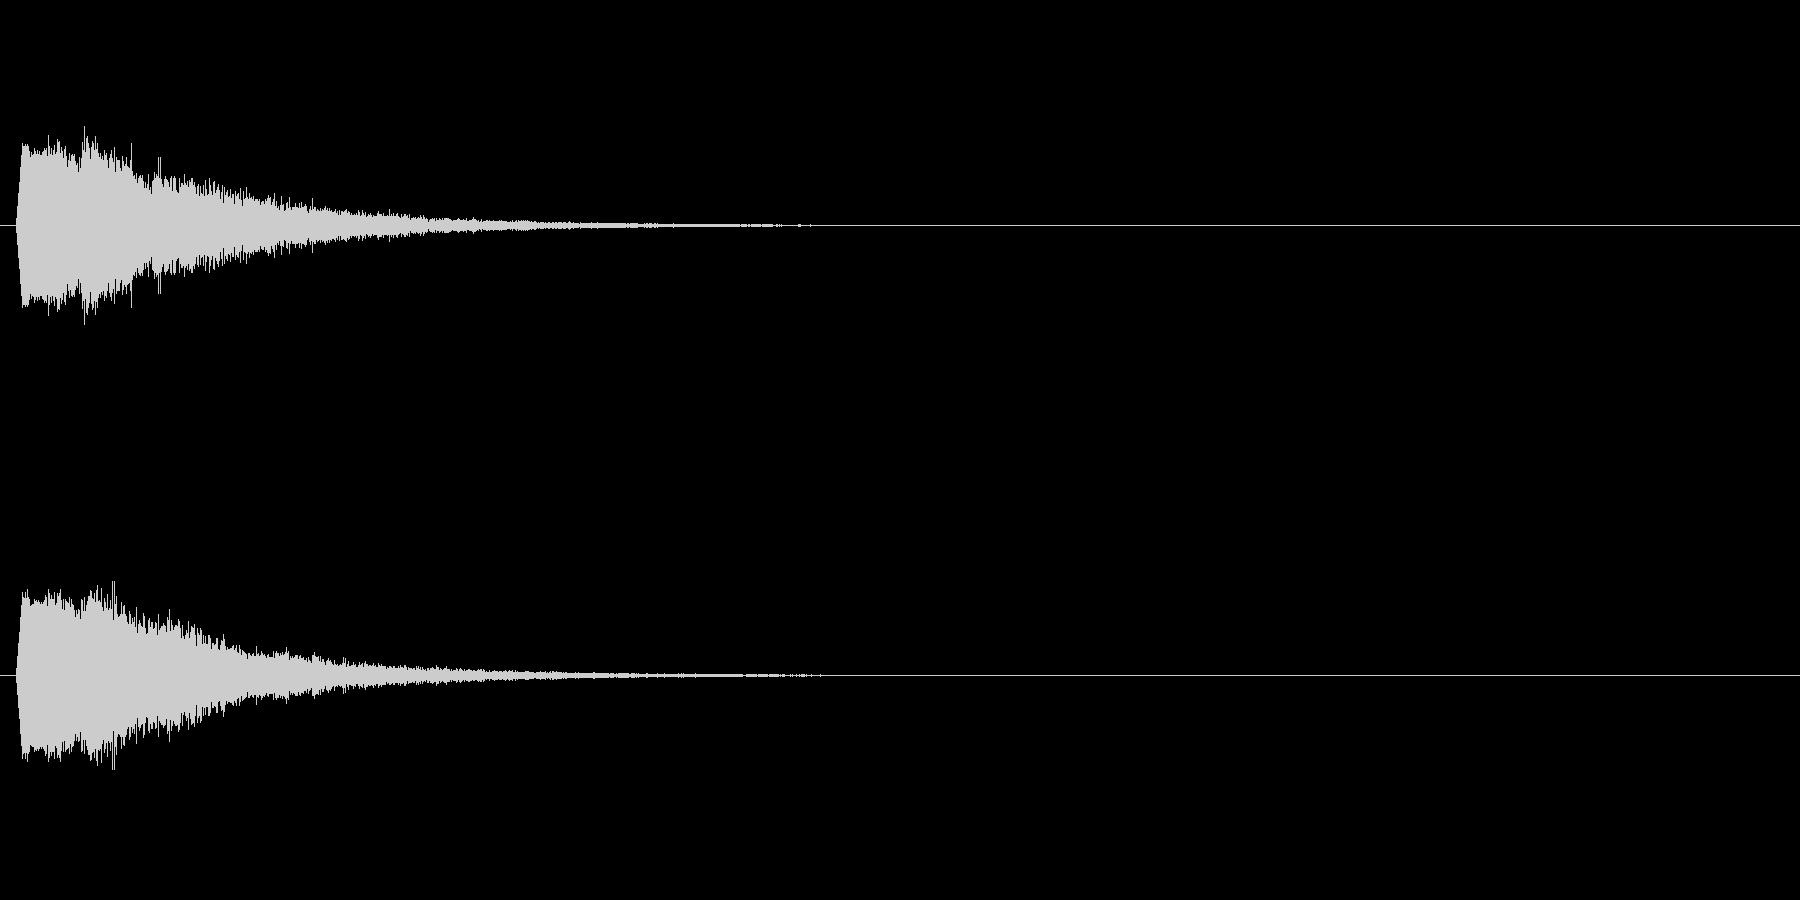 アニメ風効果音・キュピン!2の未再生の波形